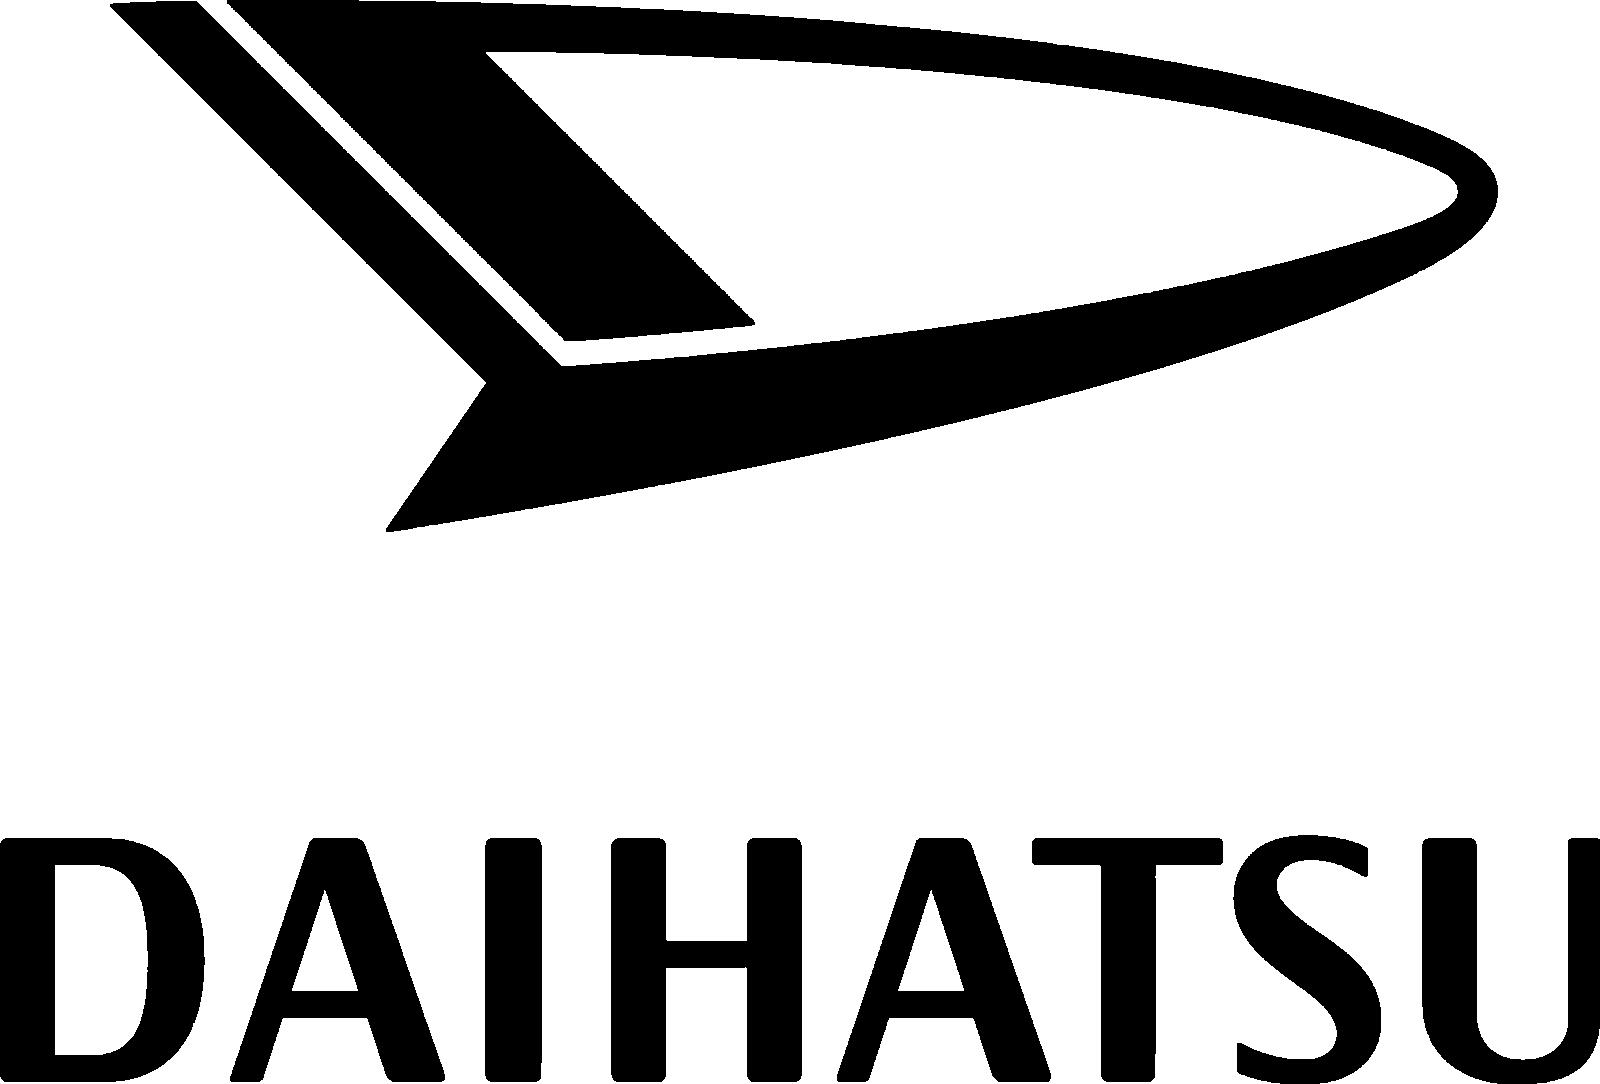 Daihatsu Logo Black